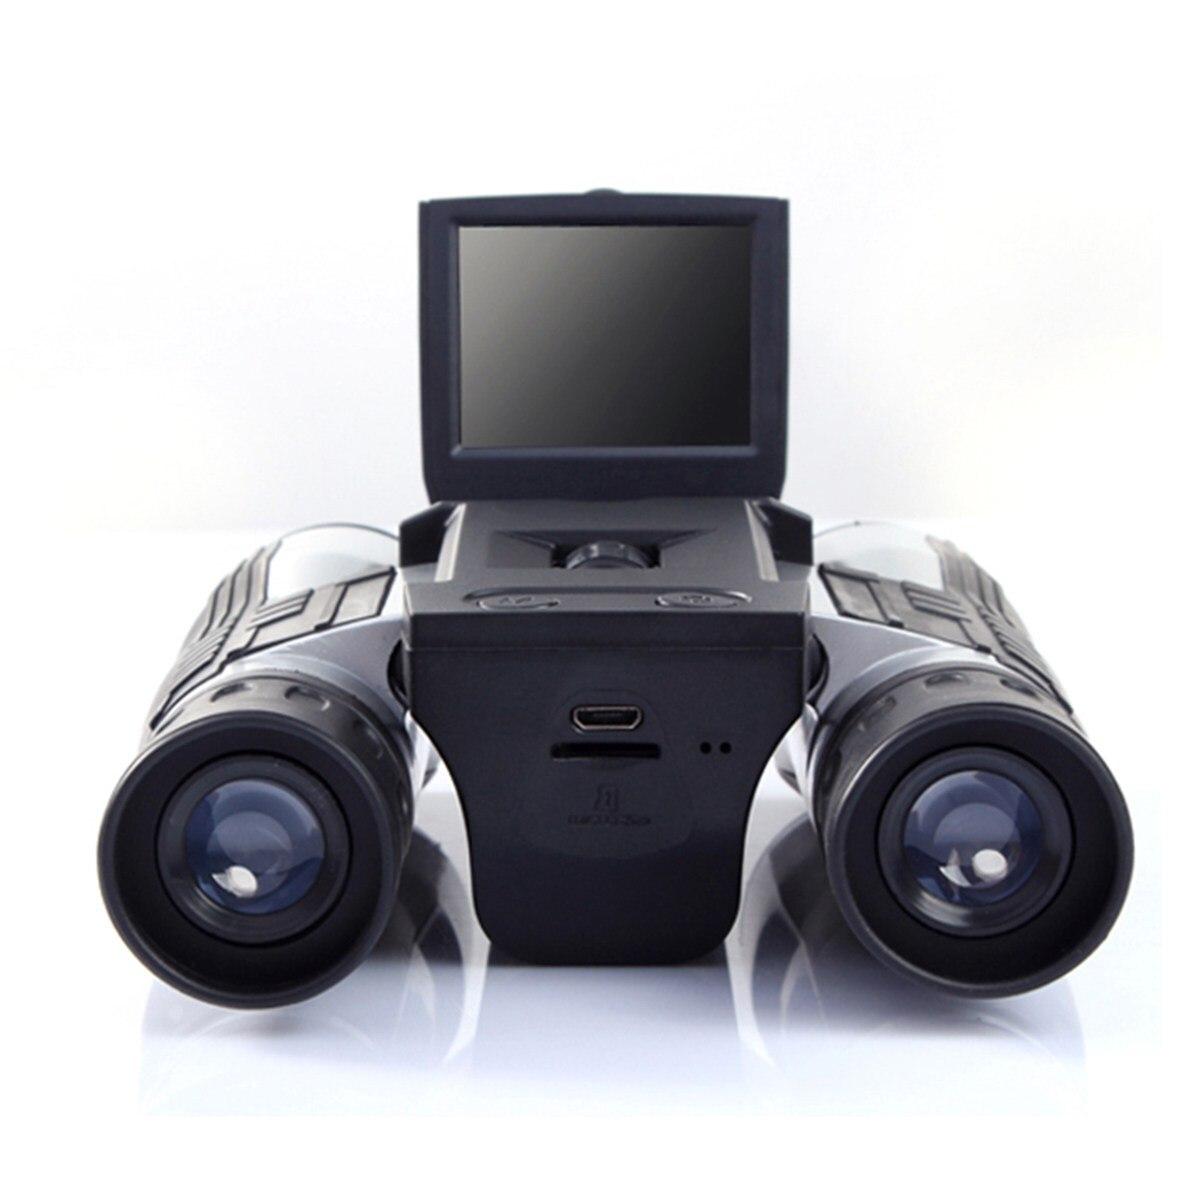 12x32 1920x1080 P Full HD видео Камера телескоп Бинокль с 2 дюйма Экран Открытый Отдых бинокль охота Пеший Туризм